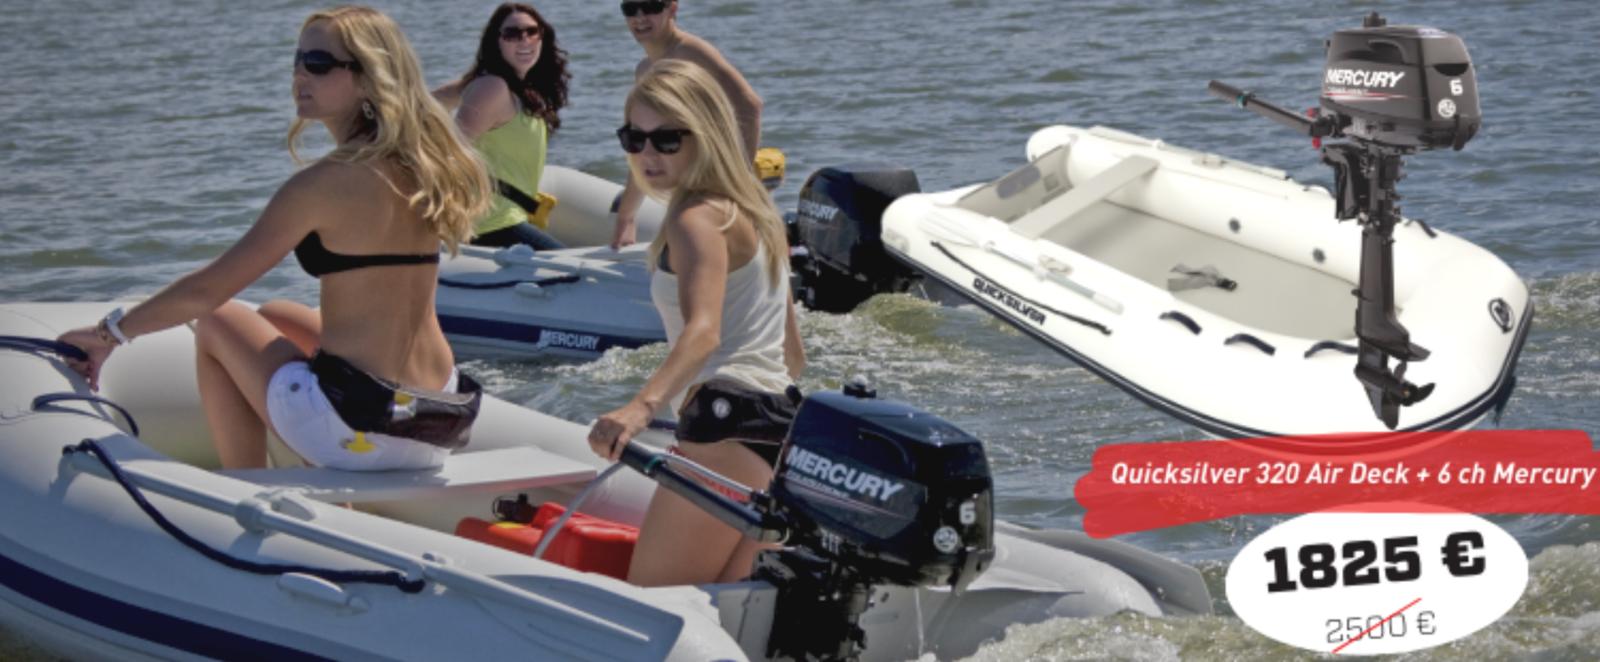 Faire du bateau à moteur, sans le permis : les promotions de Mercury Marine